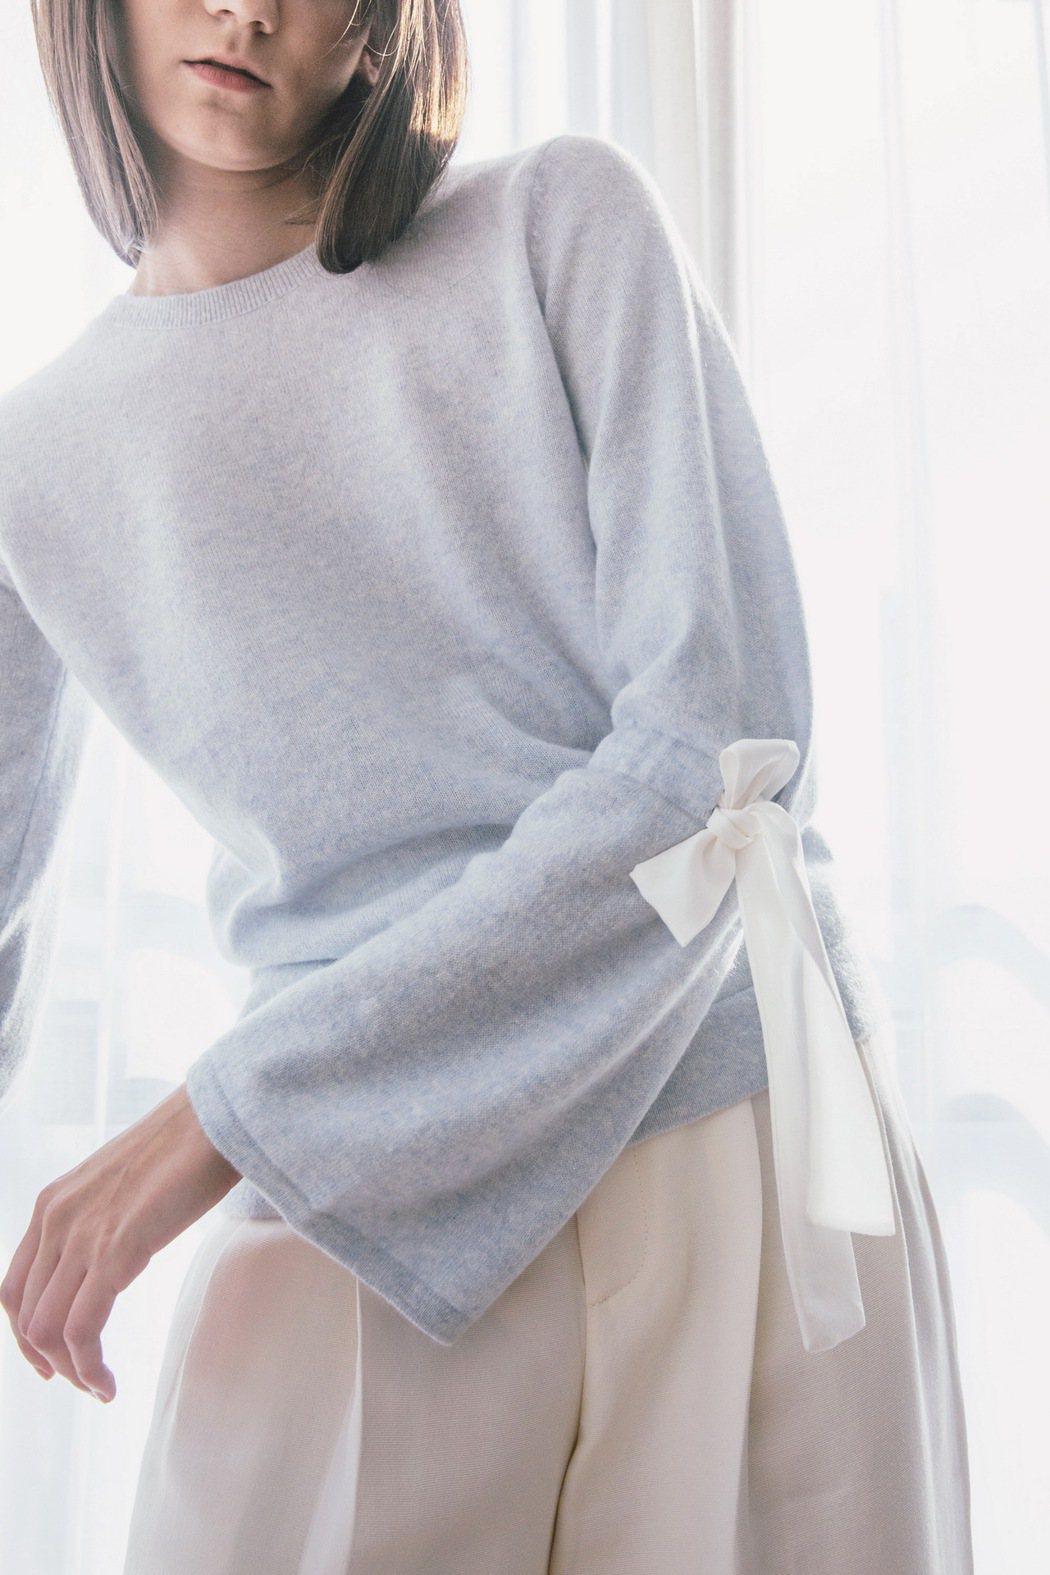 無論是螺紋款或是袖邊以蝴蝶結裝飾的夢幻設計等,都是冬日裡最百搭的基本款保暖造型利...